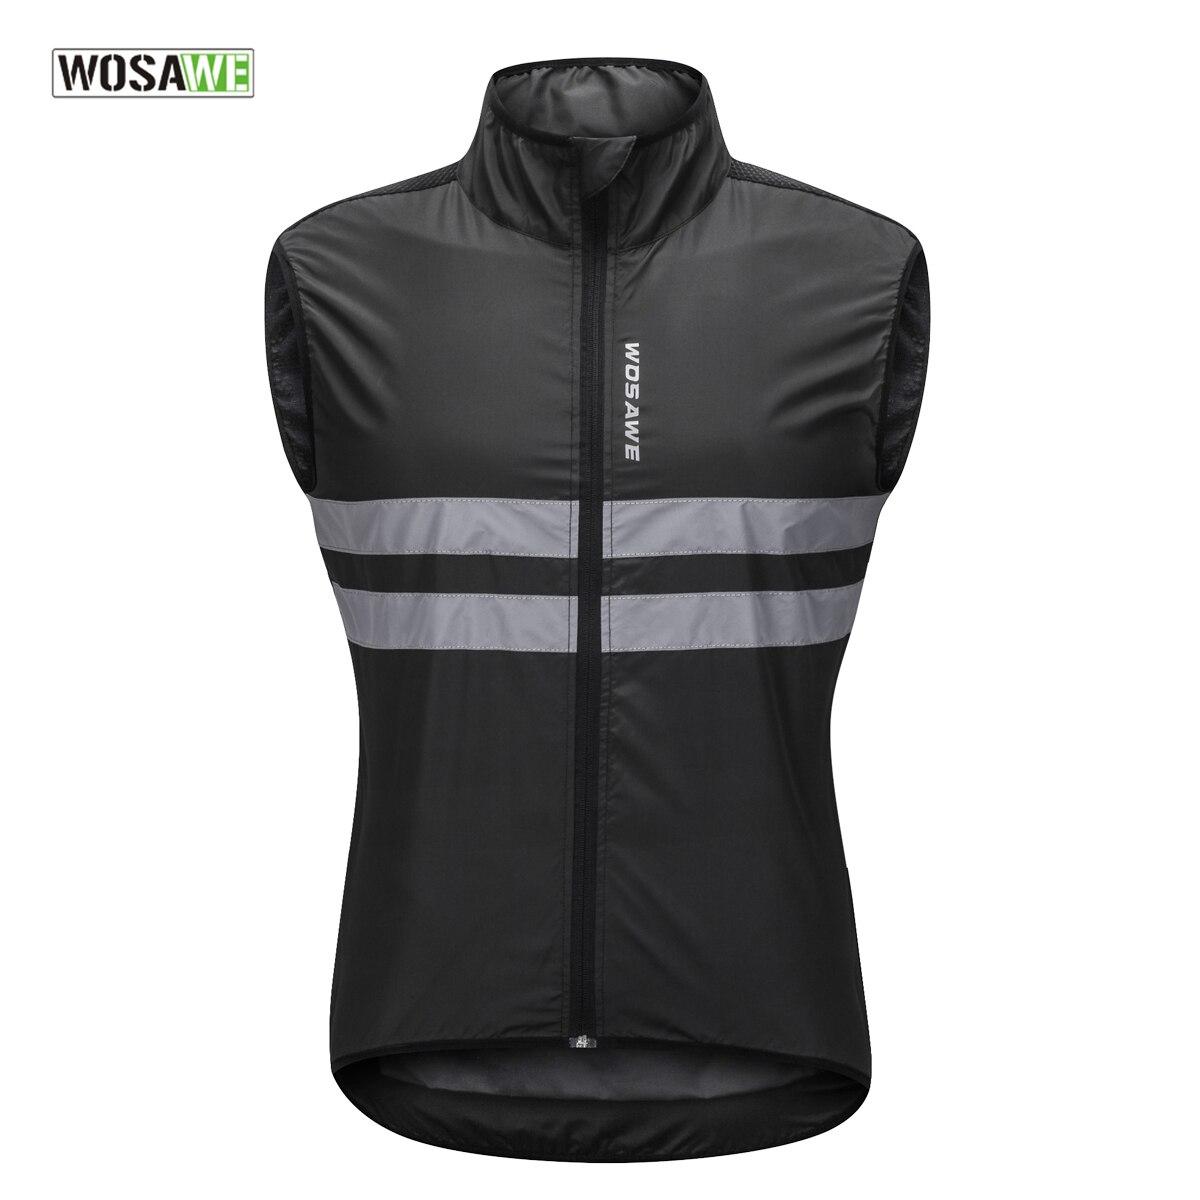 WOSAWE Reflektierende Radfahren Westen Ärmellose Winddicht Shirts MTB Rennrad Fahrrad Jersey Top Zyklus Kleidung Wind Mantel